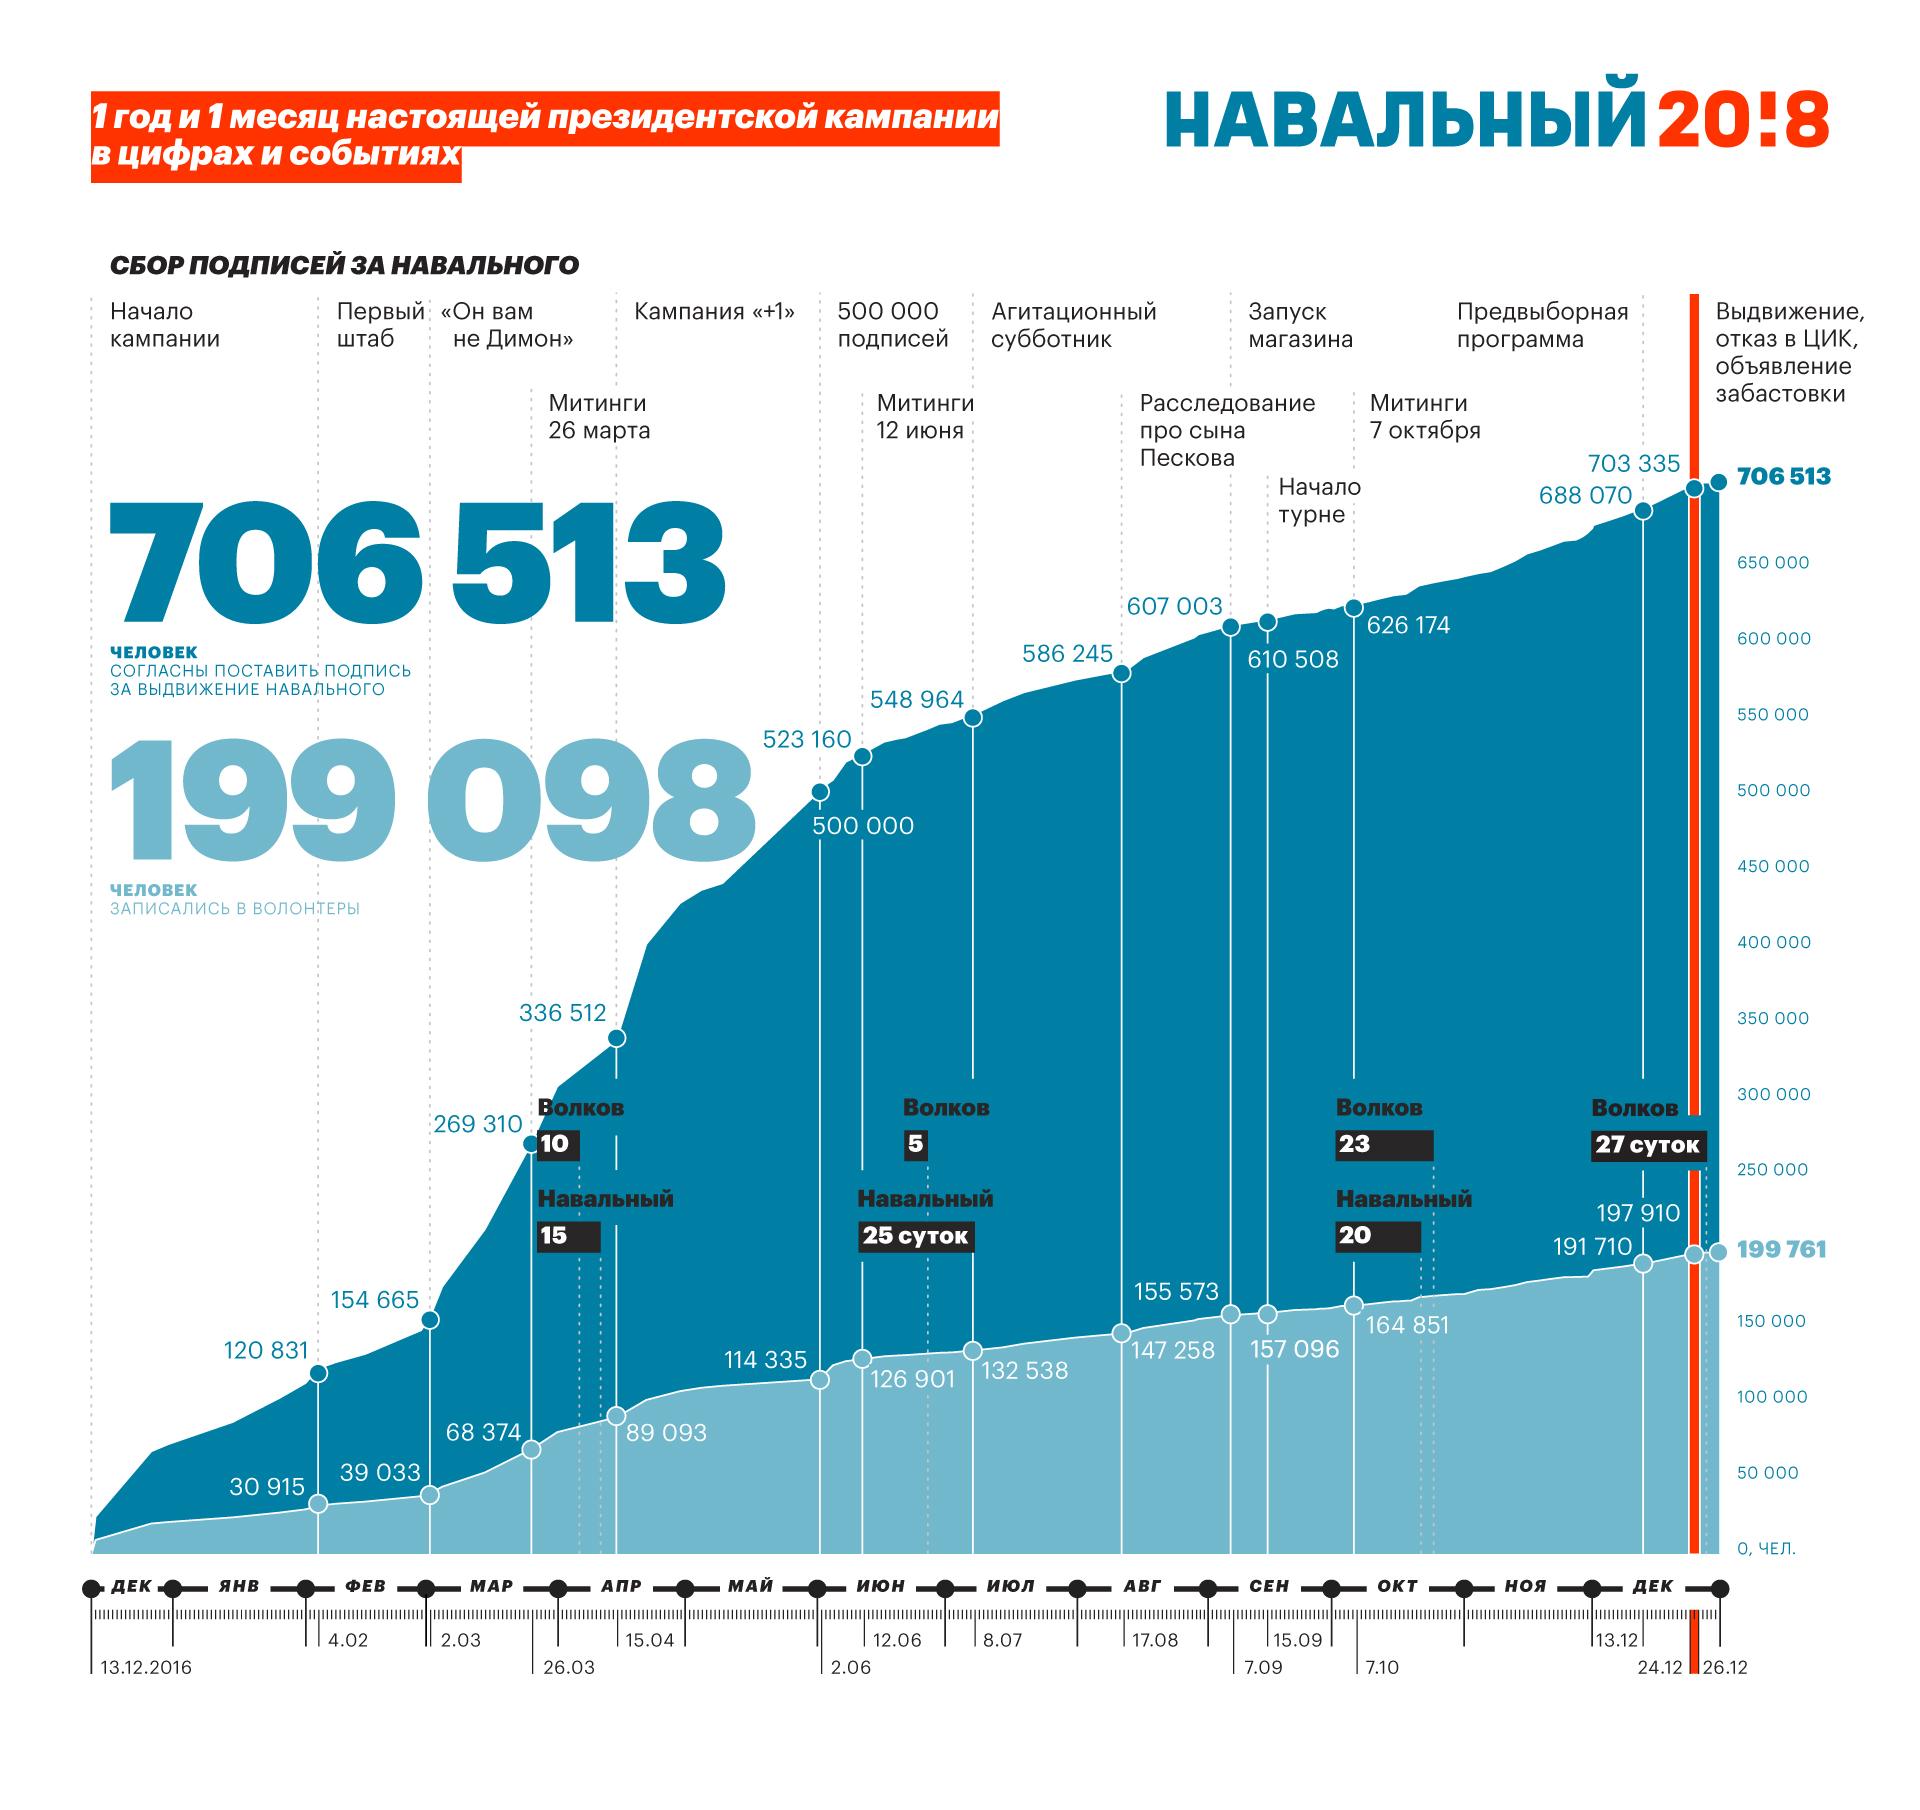 Леонид Волков Митинги аресты видео 200 тысяч волонтеров и более 700 тысяч подписей месяц за месяцем